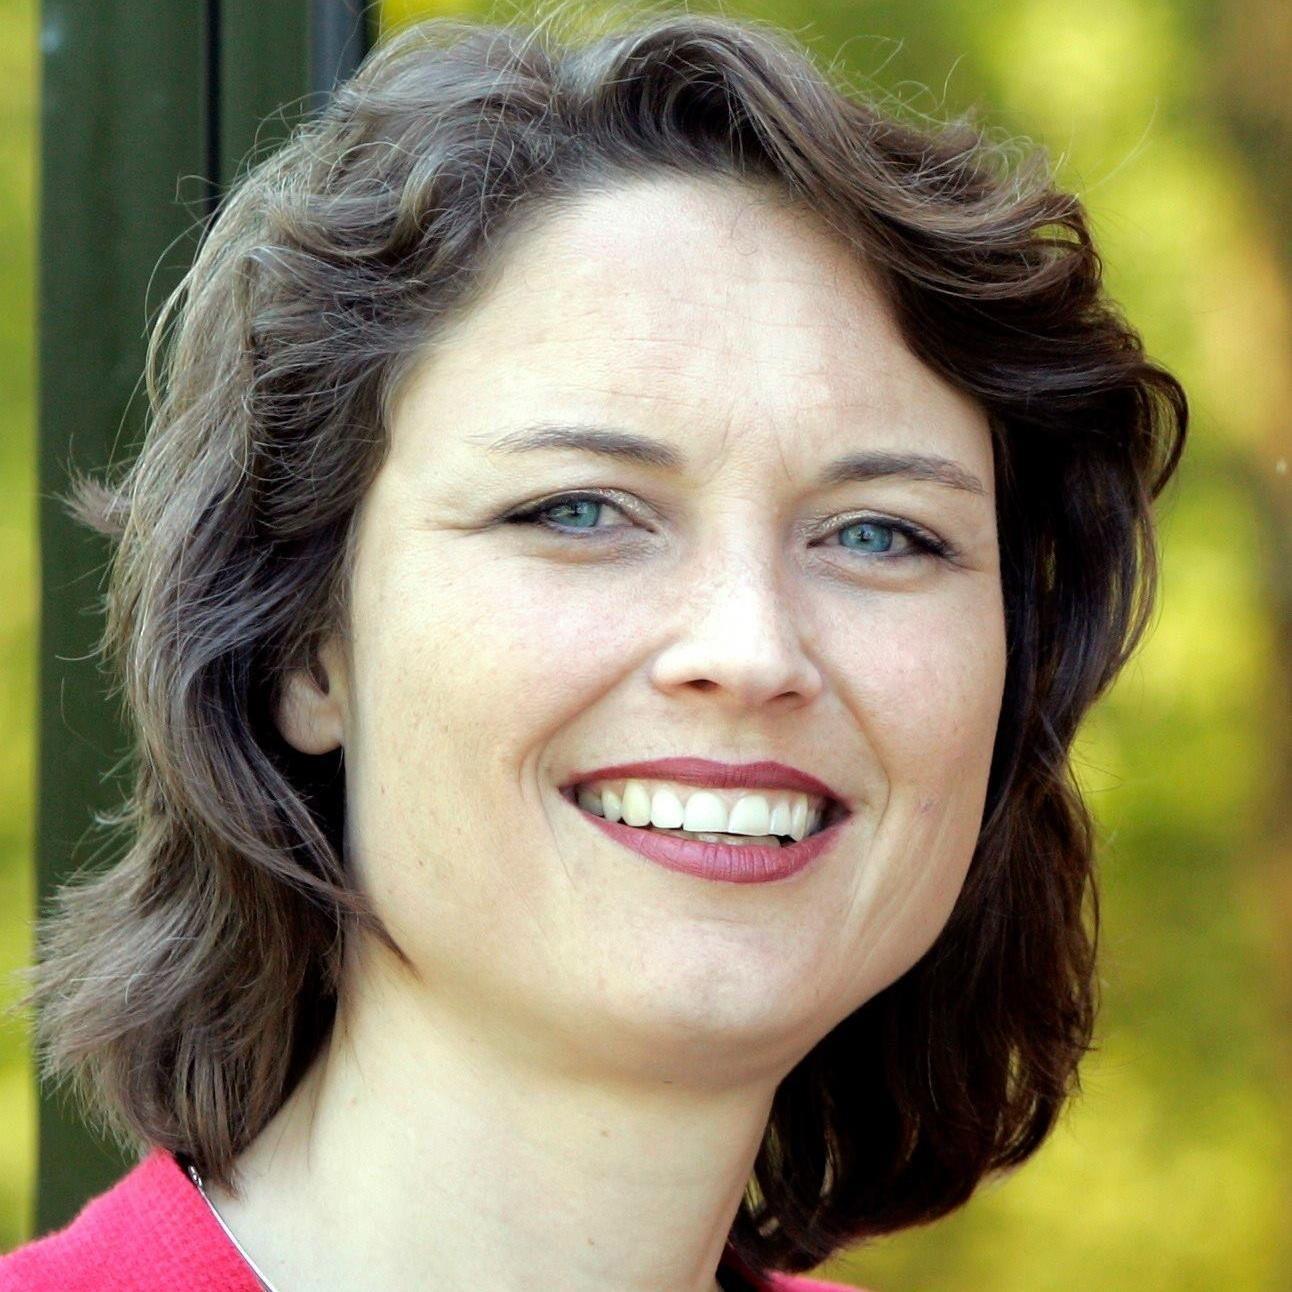 Annelies meijnhardt advocaat